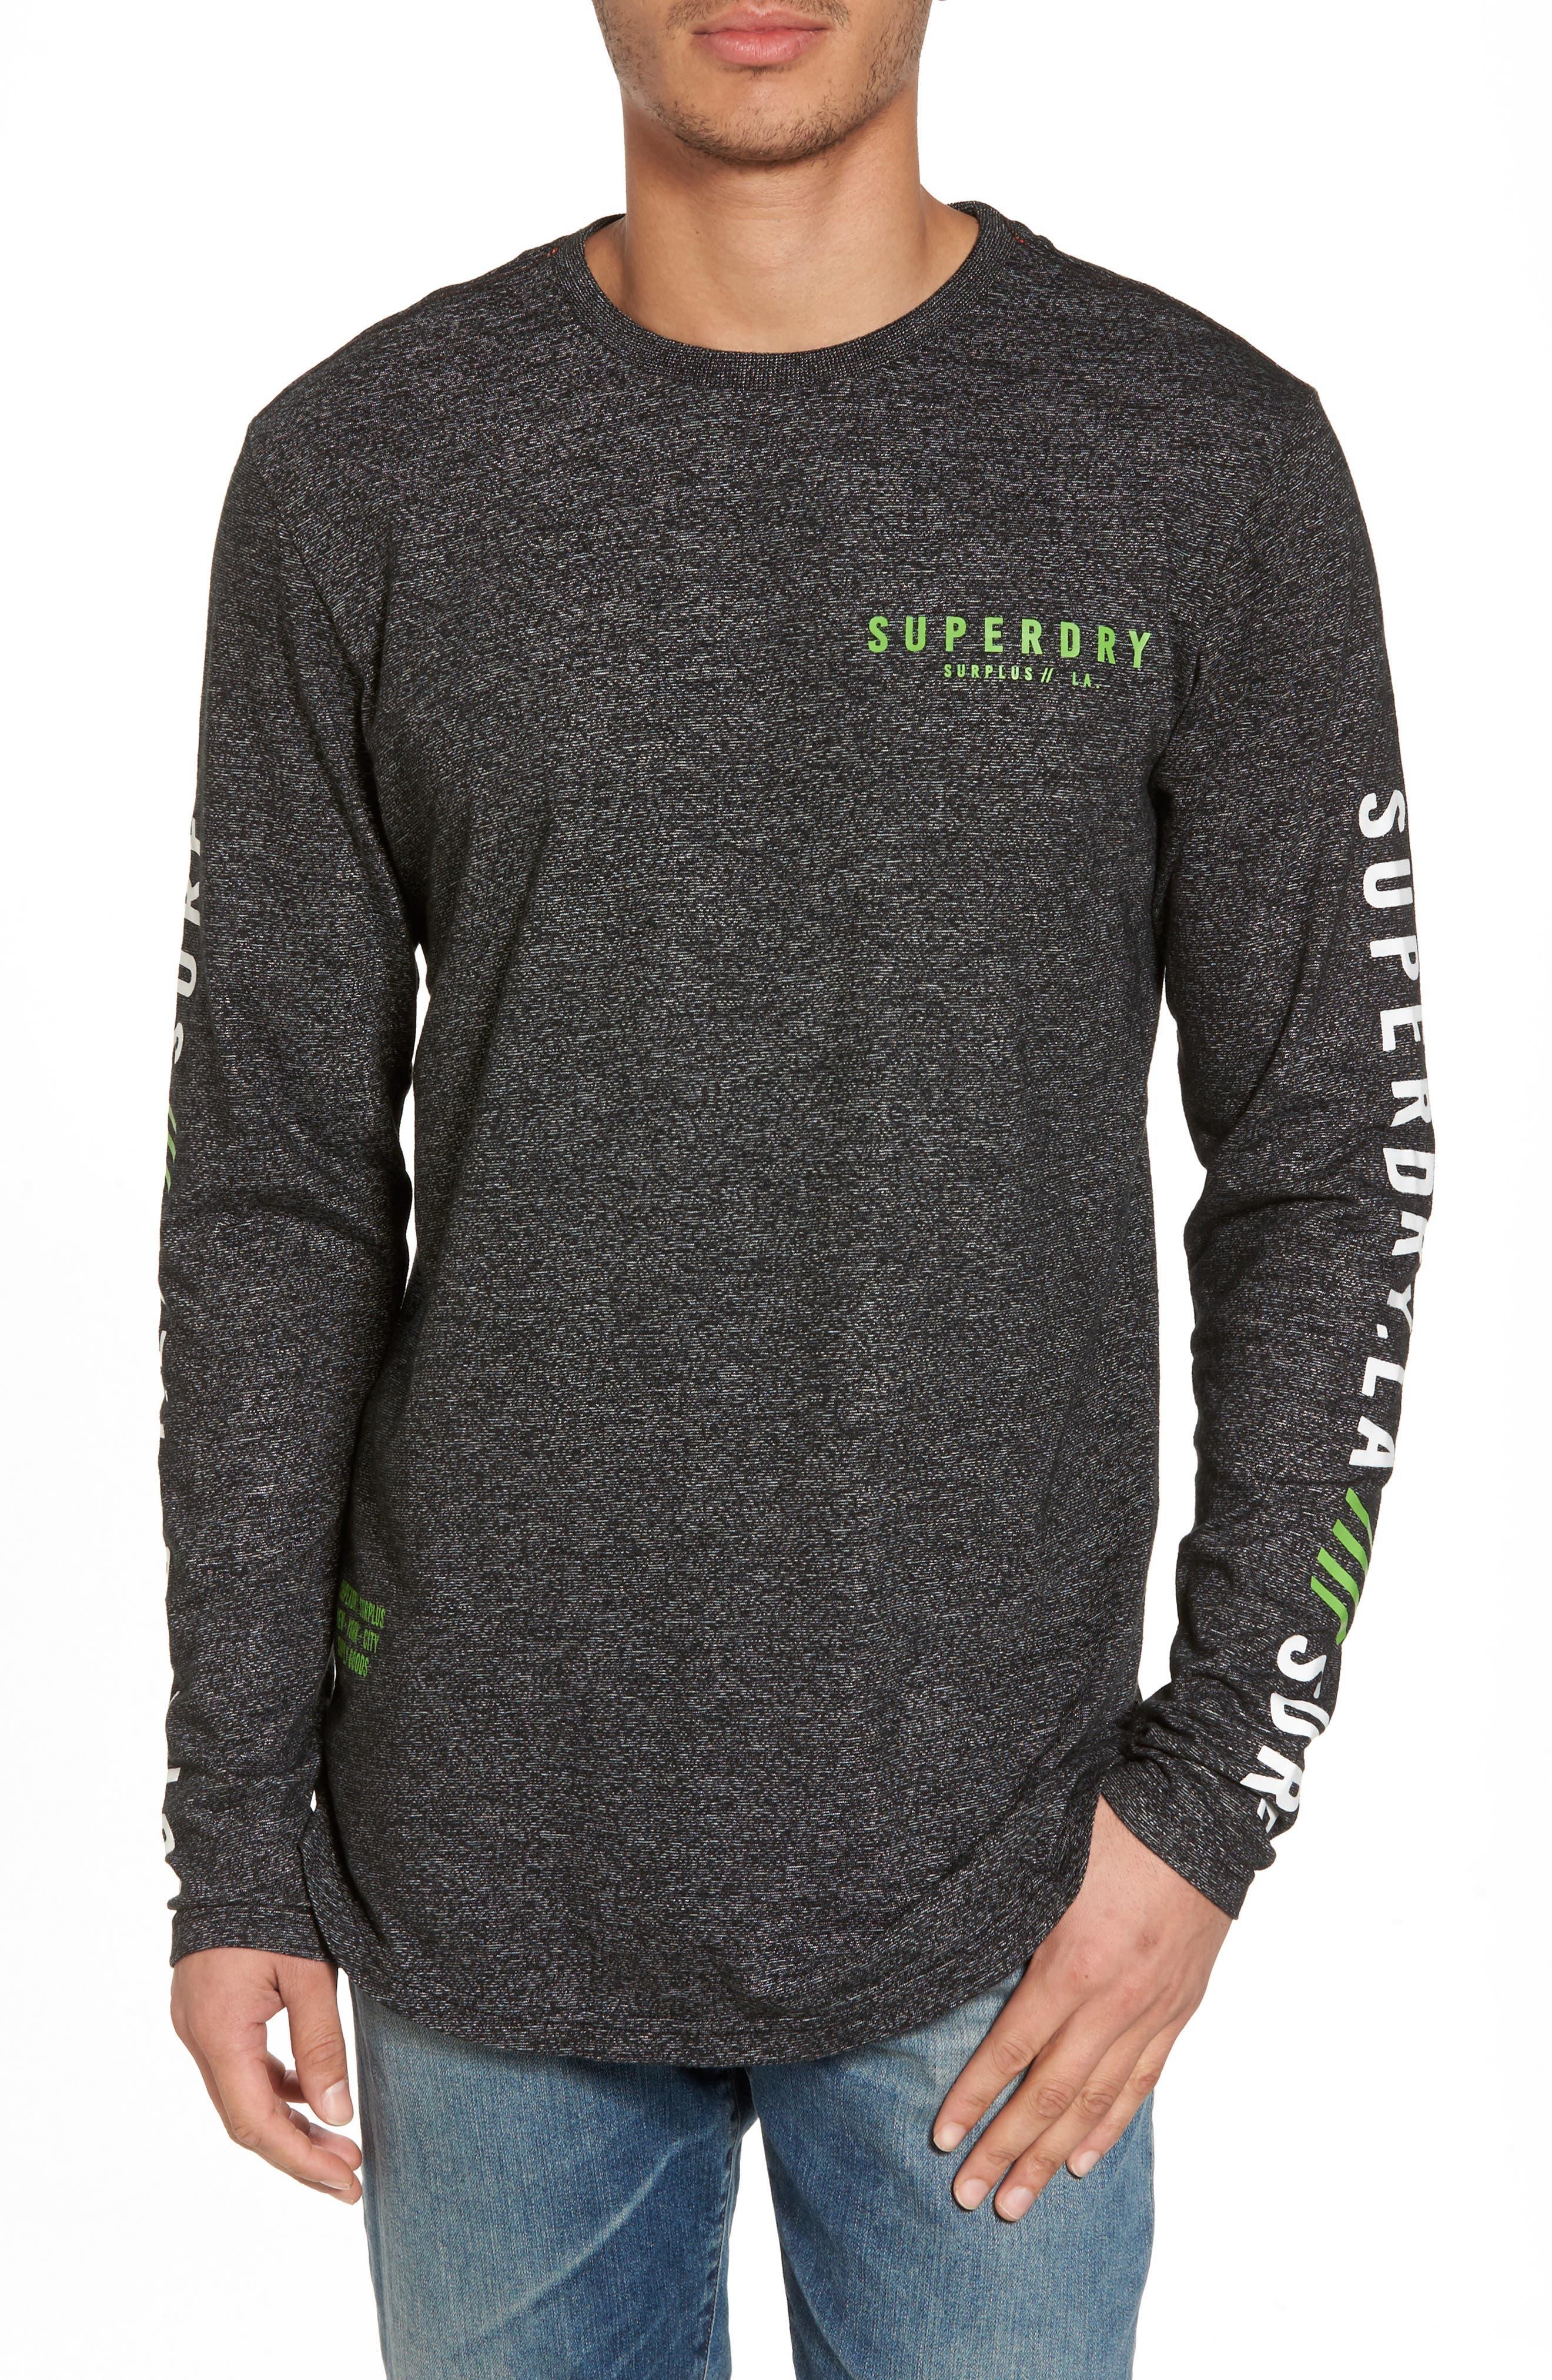 Surplus Goods T-Shirt,                             Main thumbnail 1, color,                             020